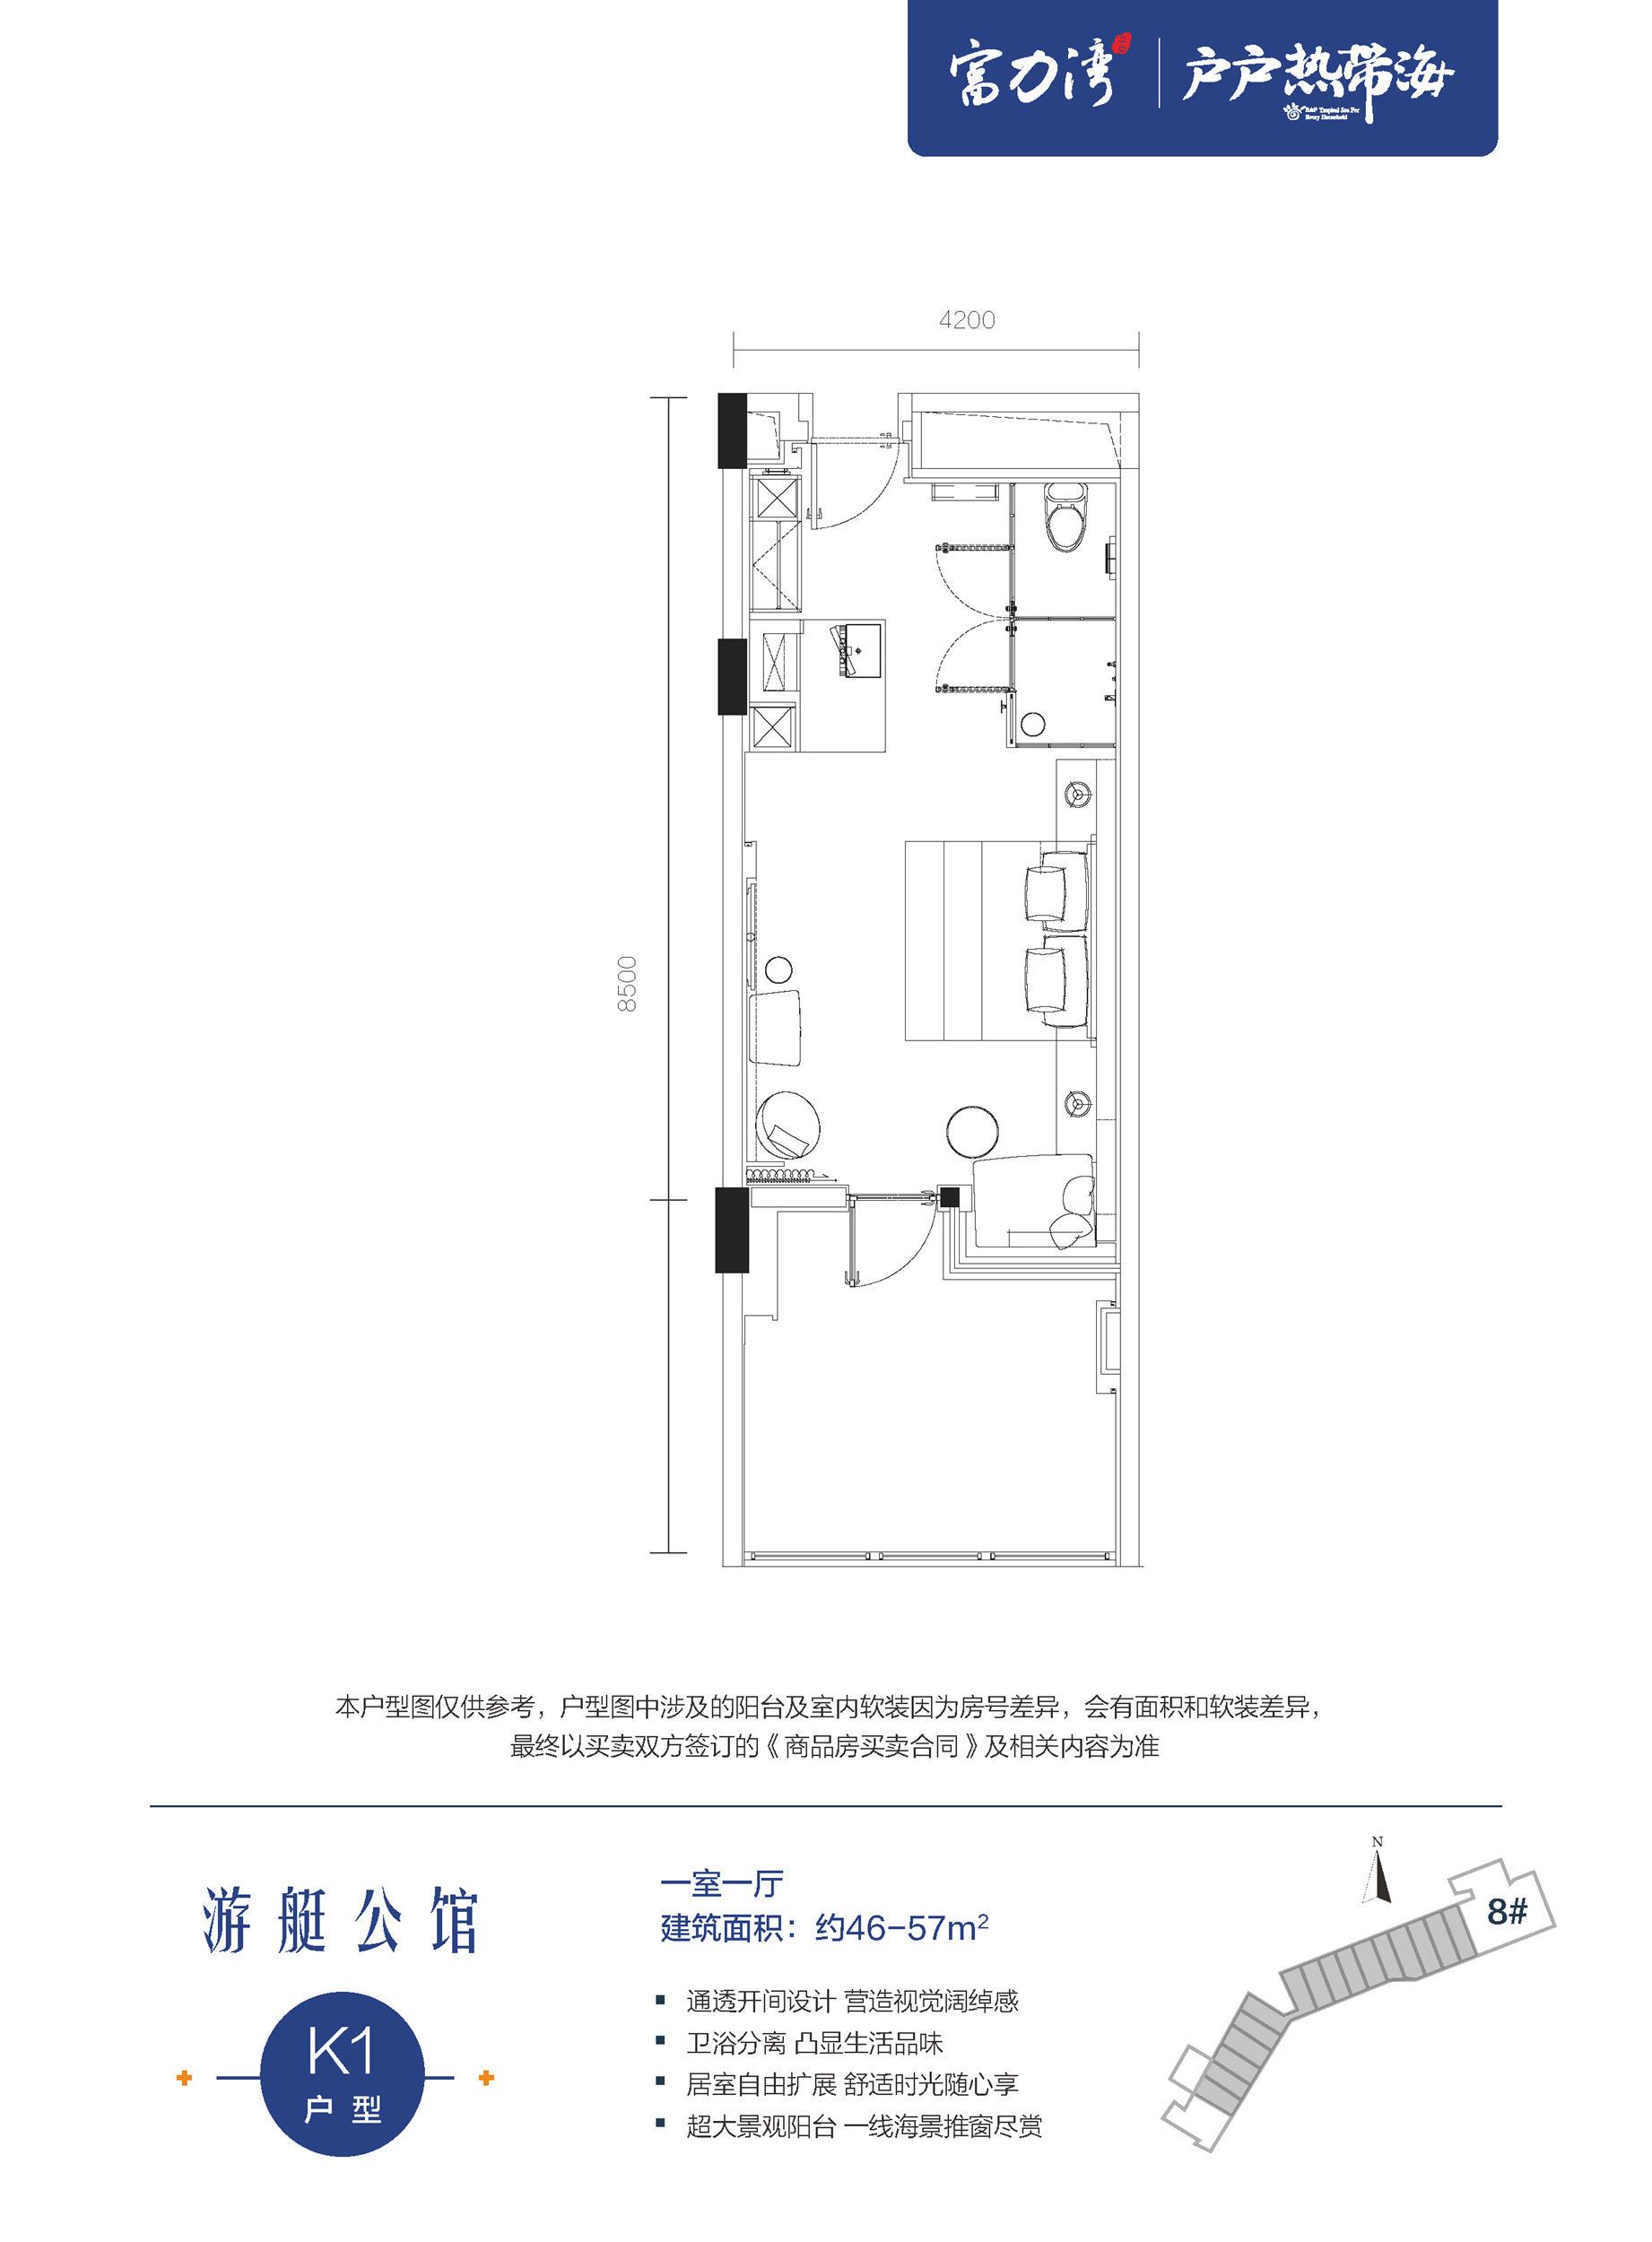 游艇公馆8#K1户型 1房1厅1卫 建筑面积46-57㎡